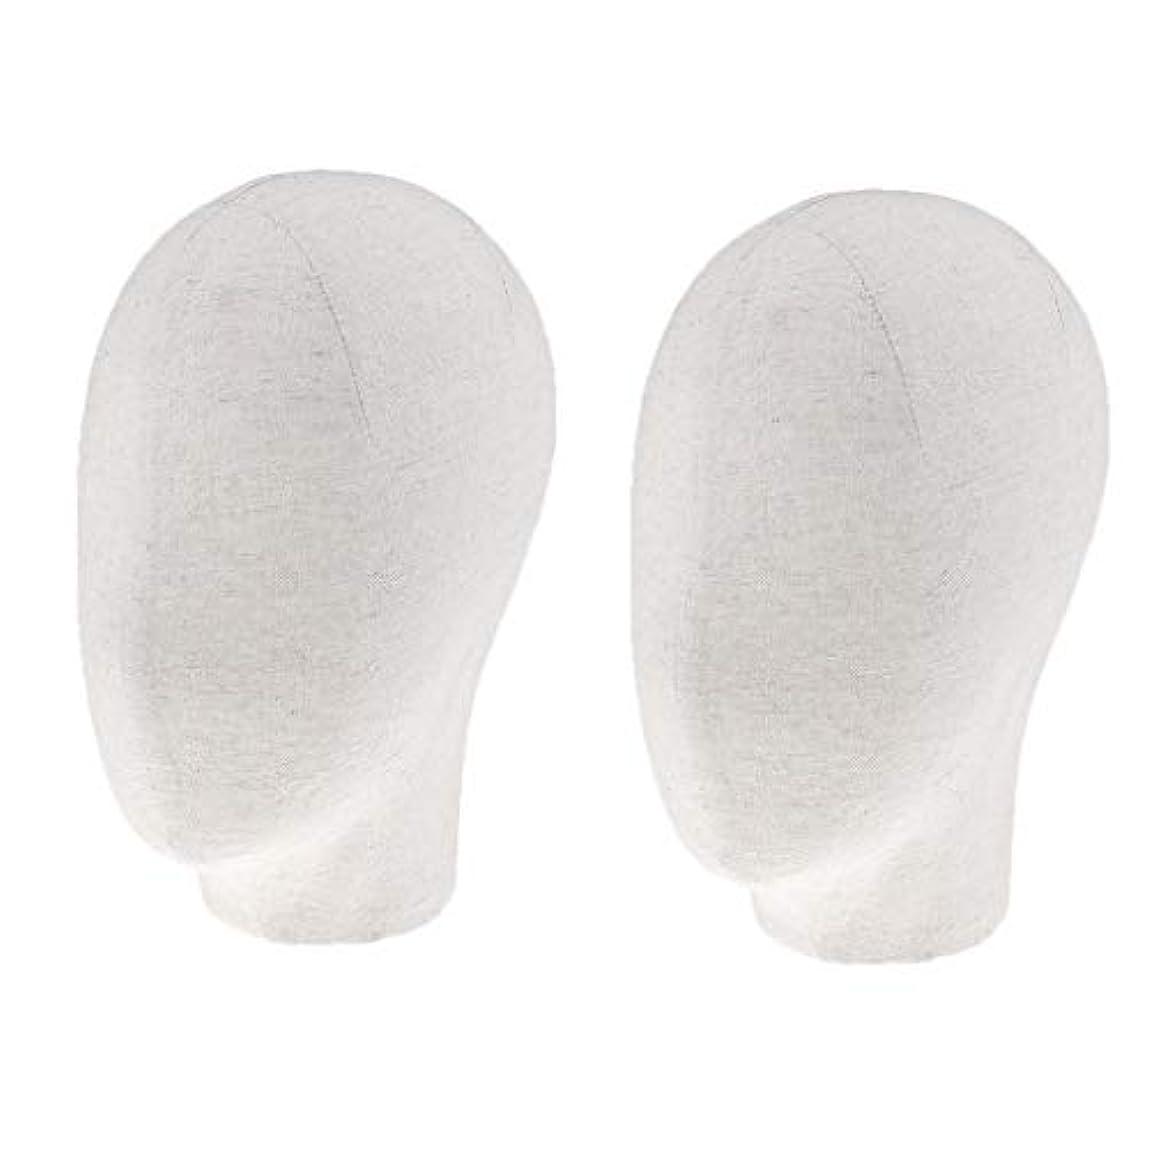 歯科のイデオロギーパキスタン人CUTICATE マネキンヘッド ディスプレイ ホルダー かつら ウィッグ 帽子作り 展示 家庭 サロン